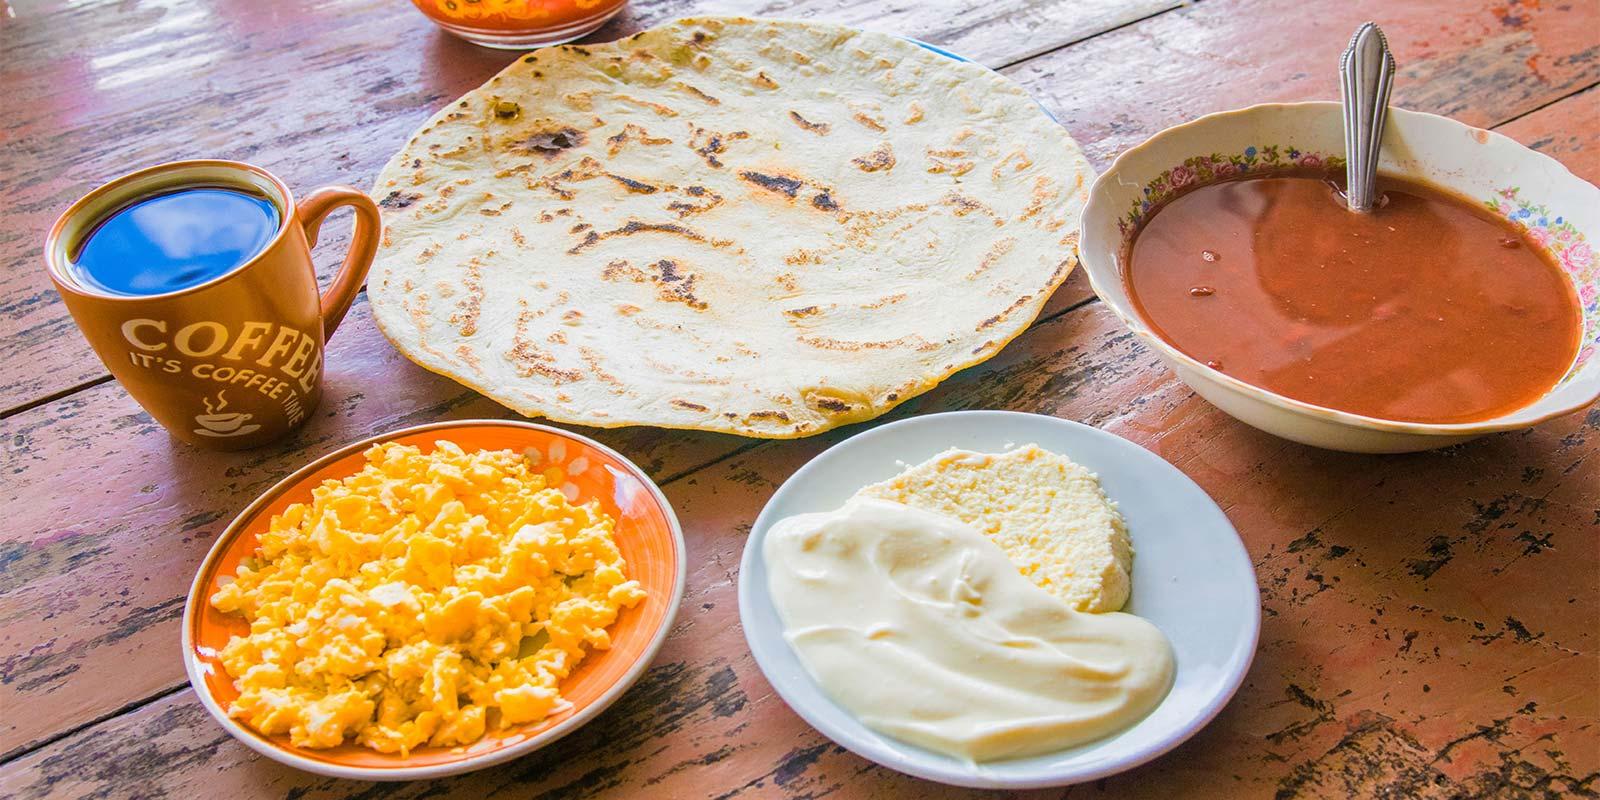 Comida-tipica-de-nicaragua